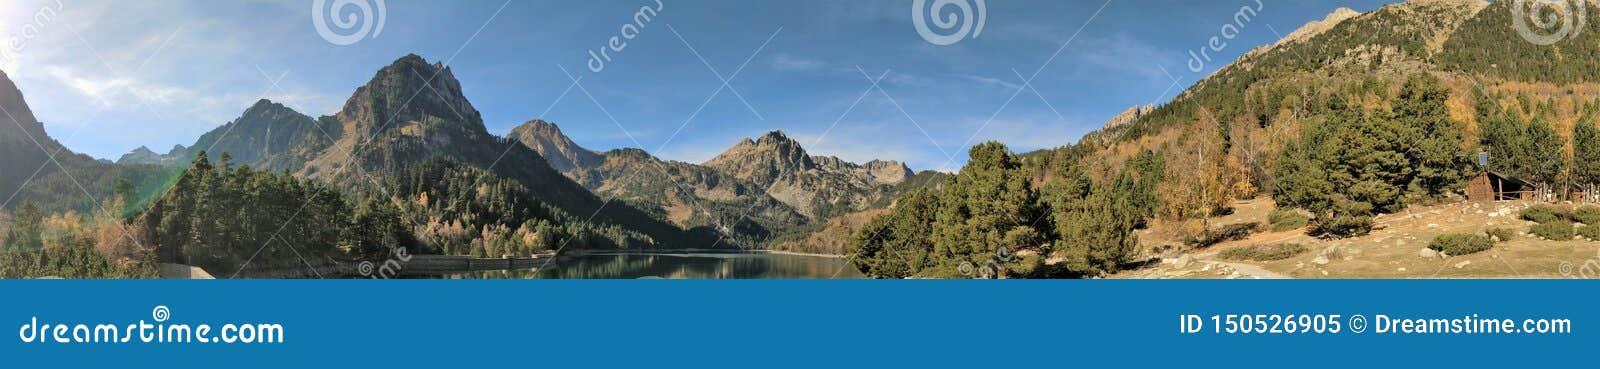 As vistas das montanhas entre o lago